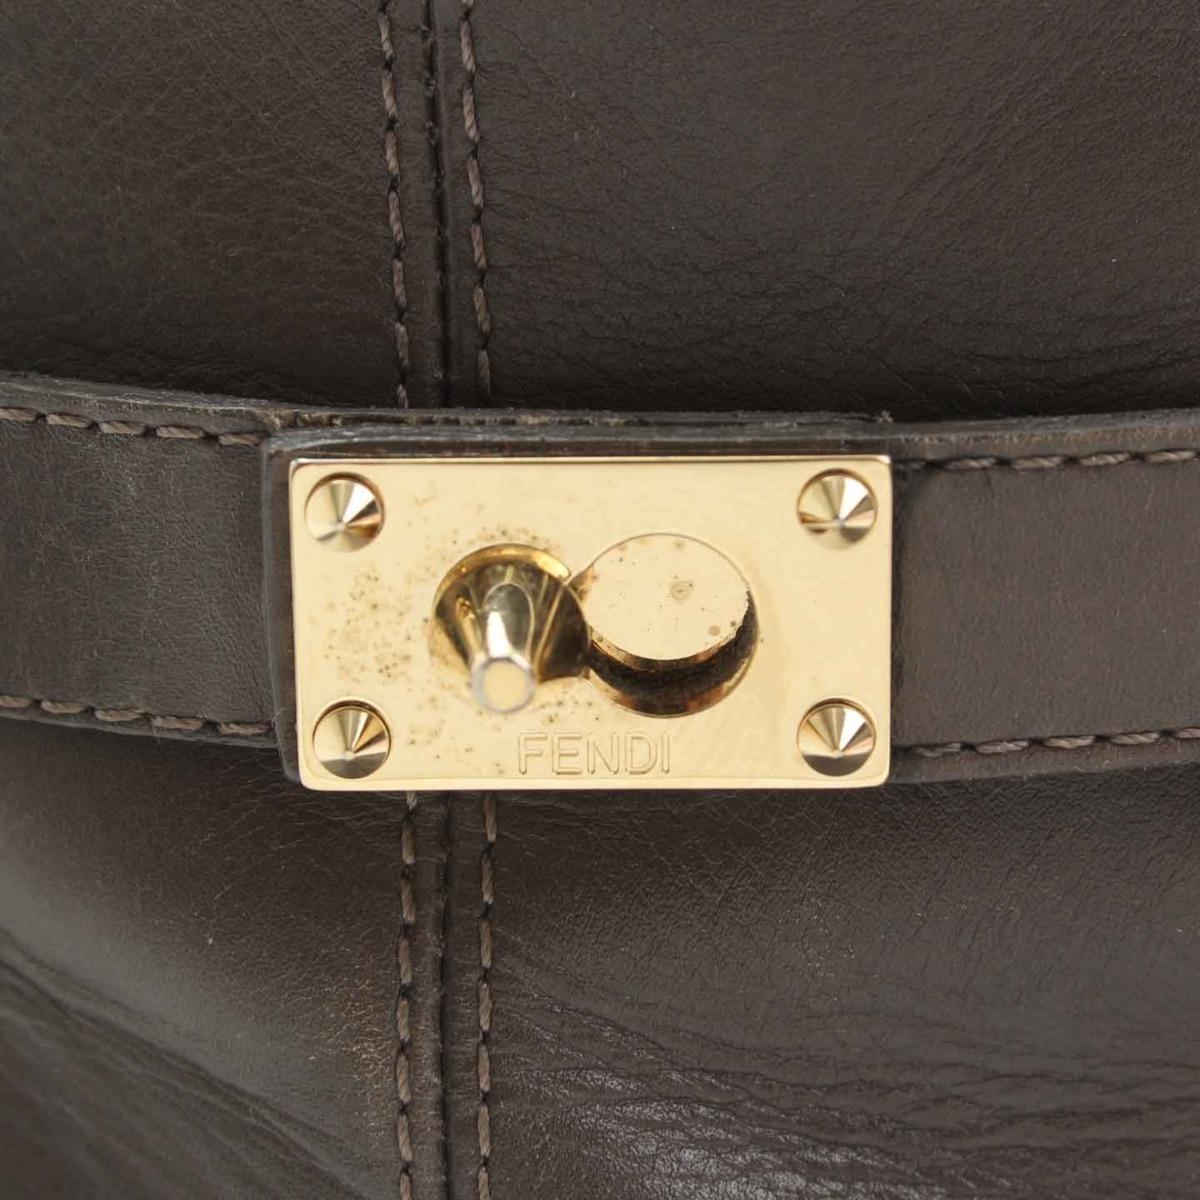 フェンディ Fendi レザー ショートブーツ グレーレディース 37鑑定済・正規品保証 21091QrdthsC